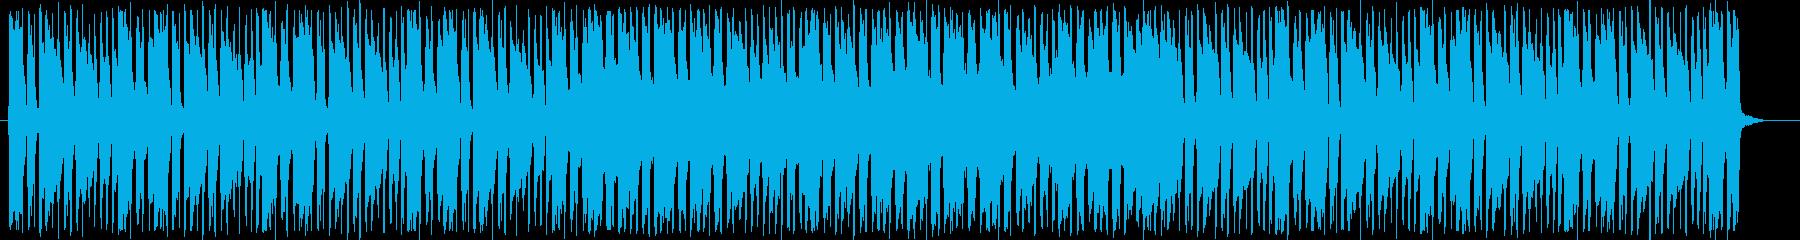 ほのぼの癒し系アコギポップ/かわいい系の再生済みの波形